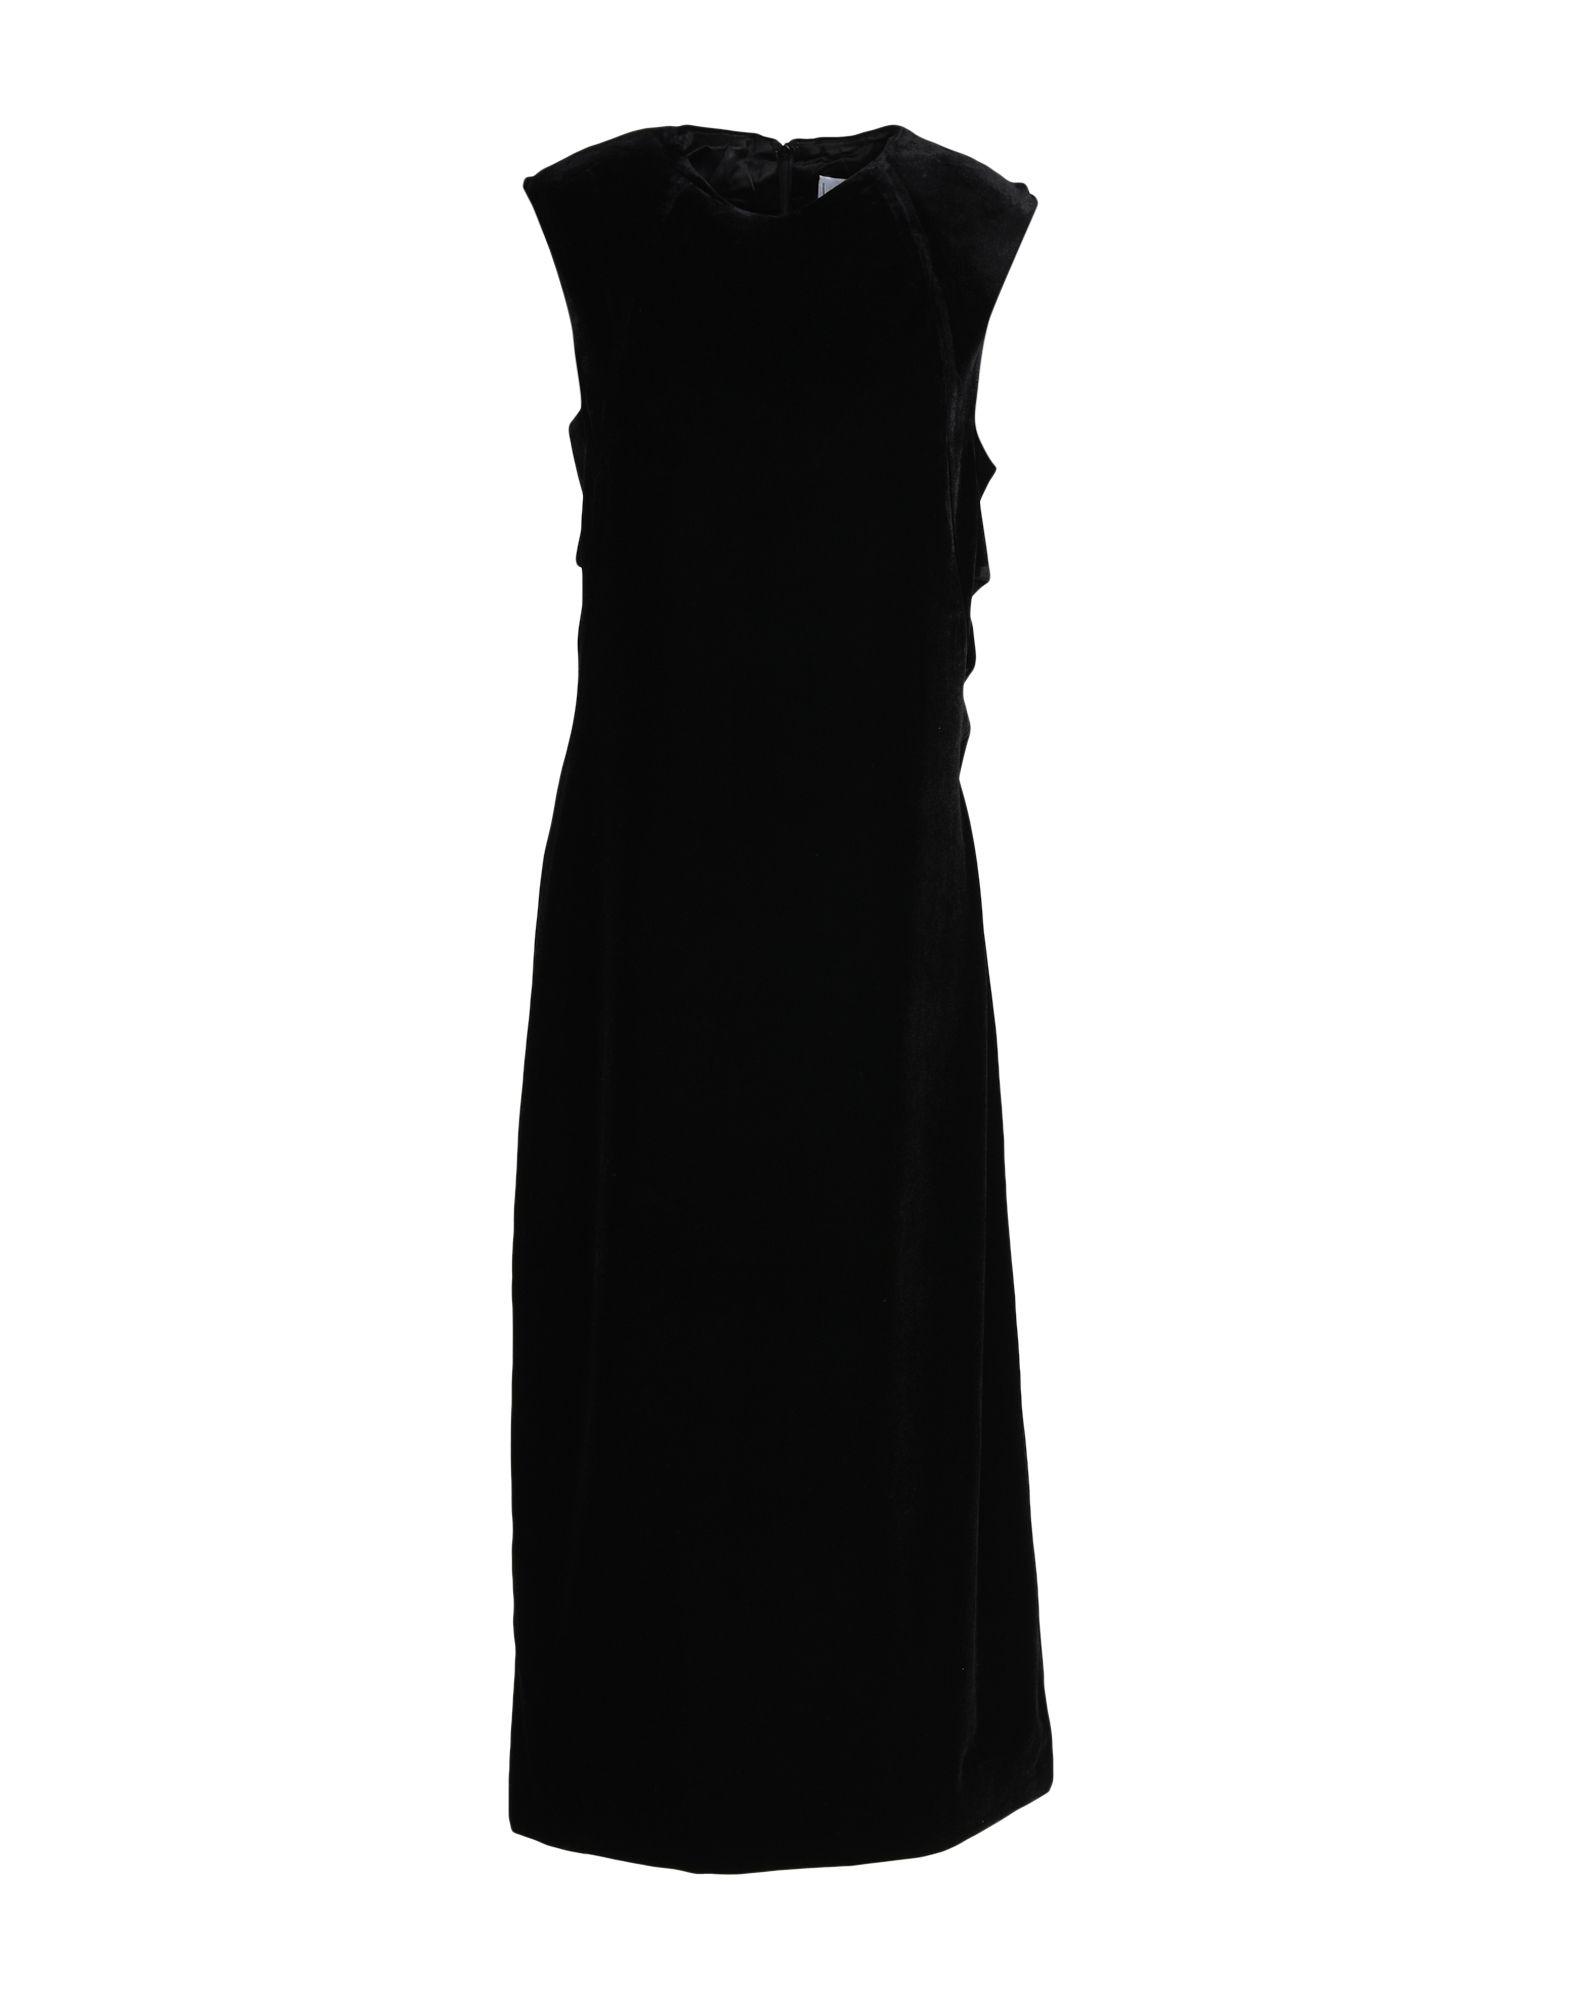 JOLIE by EDWARD SPIERS Платье длиной 3/4 jolie by edward spiers топ без рукавов